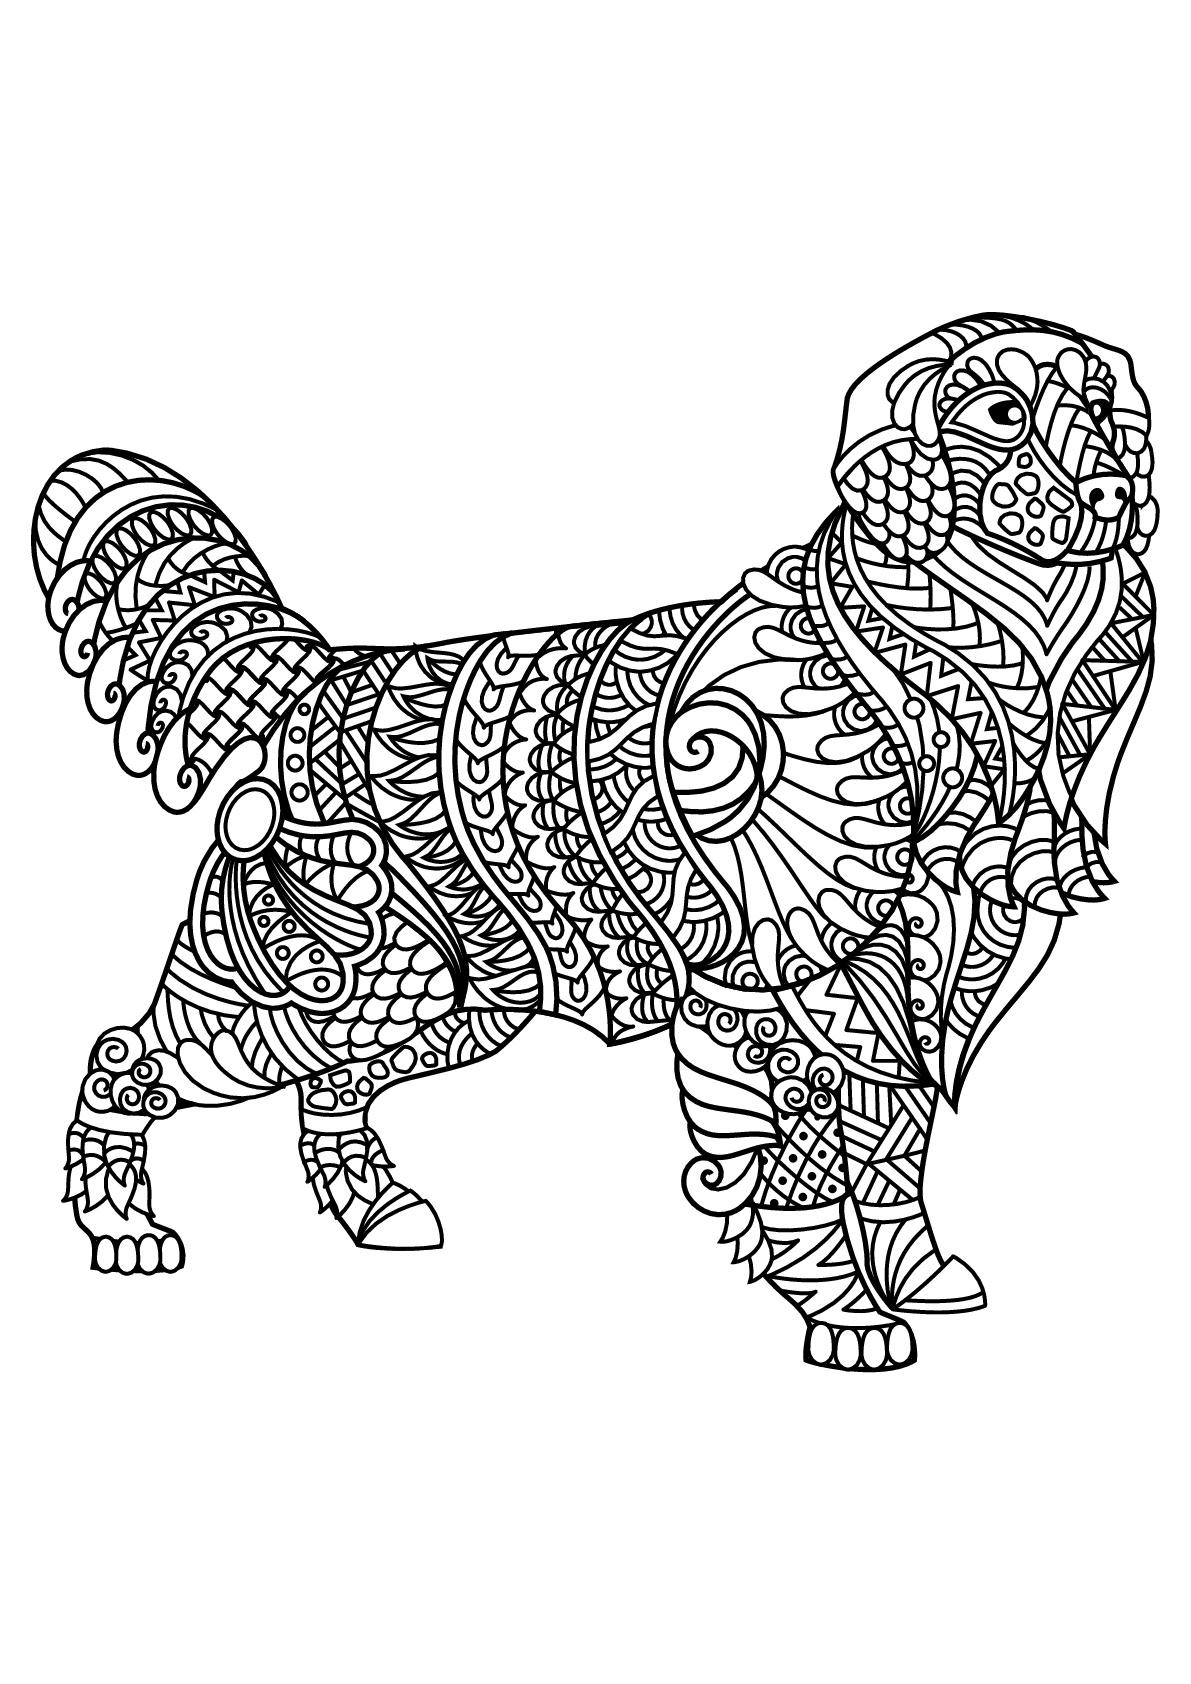 Livre Gratuit Chien Labrador - Chiens - Coloriages pour Coloriage Labrador